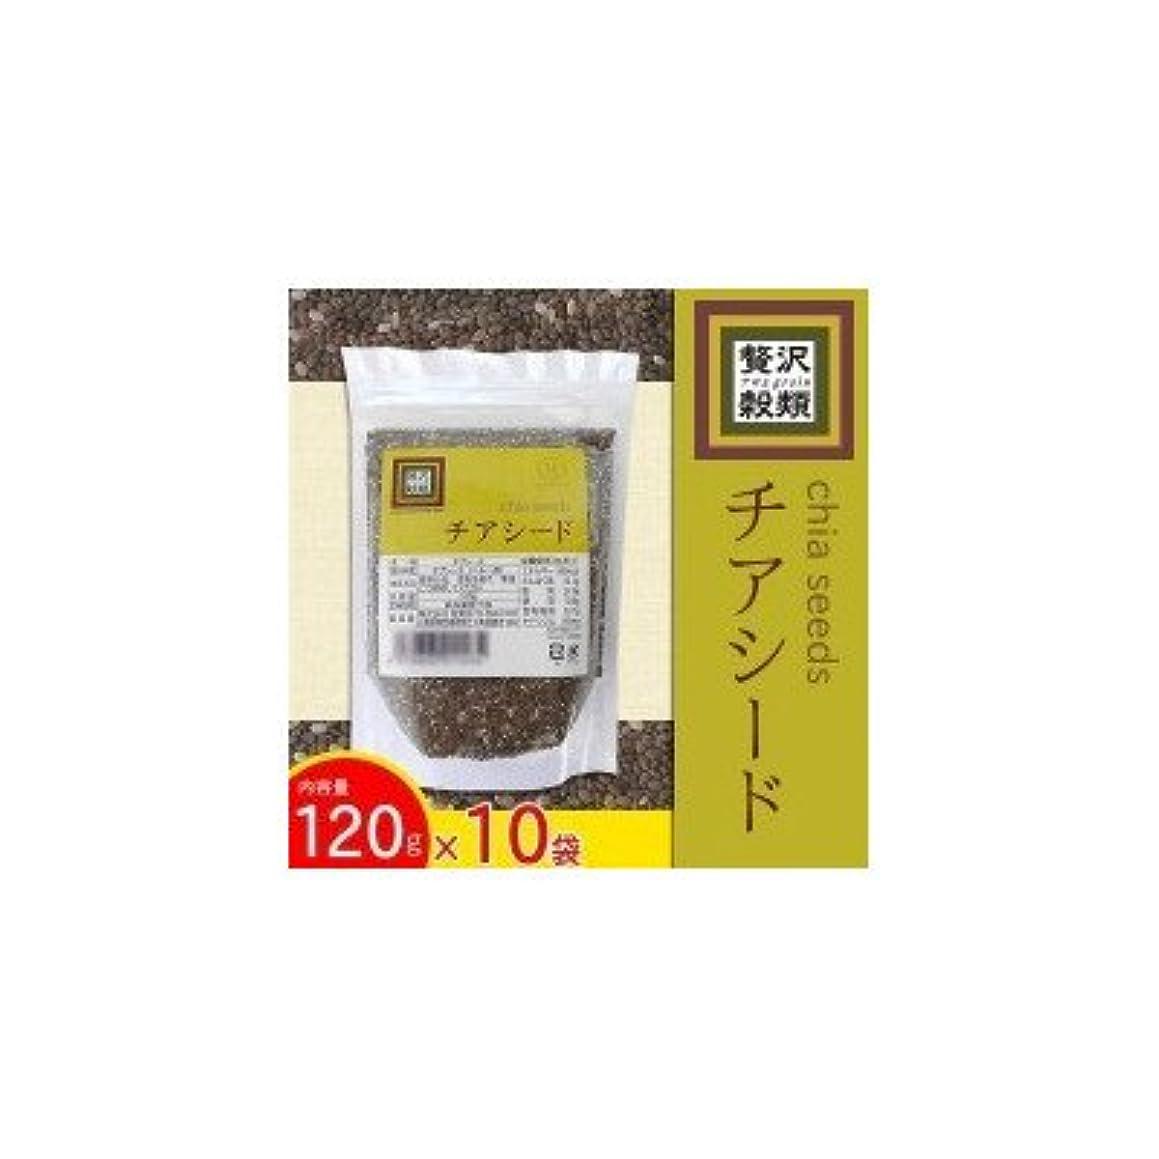 ラジカル創傷意識贅沢穀類 チアシード 120g×10袋